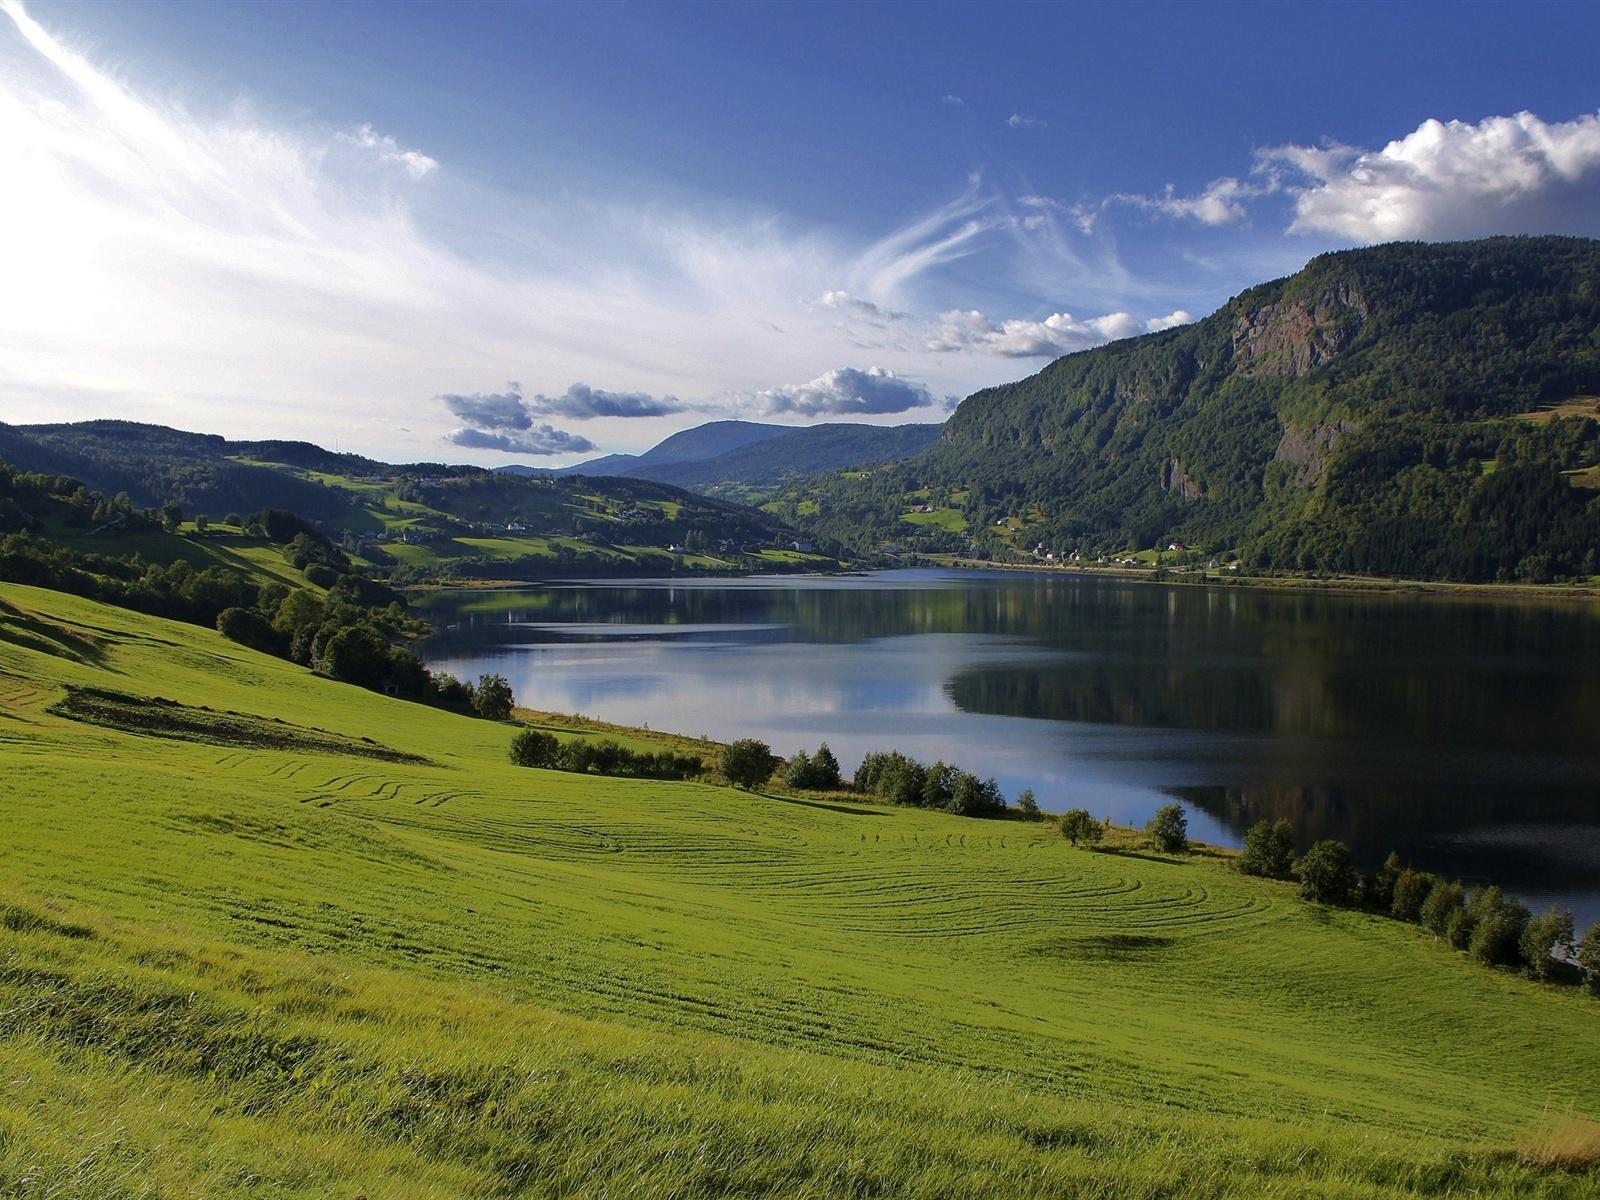 Озеро холмы  № 582566 загрузить